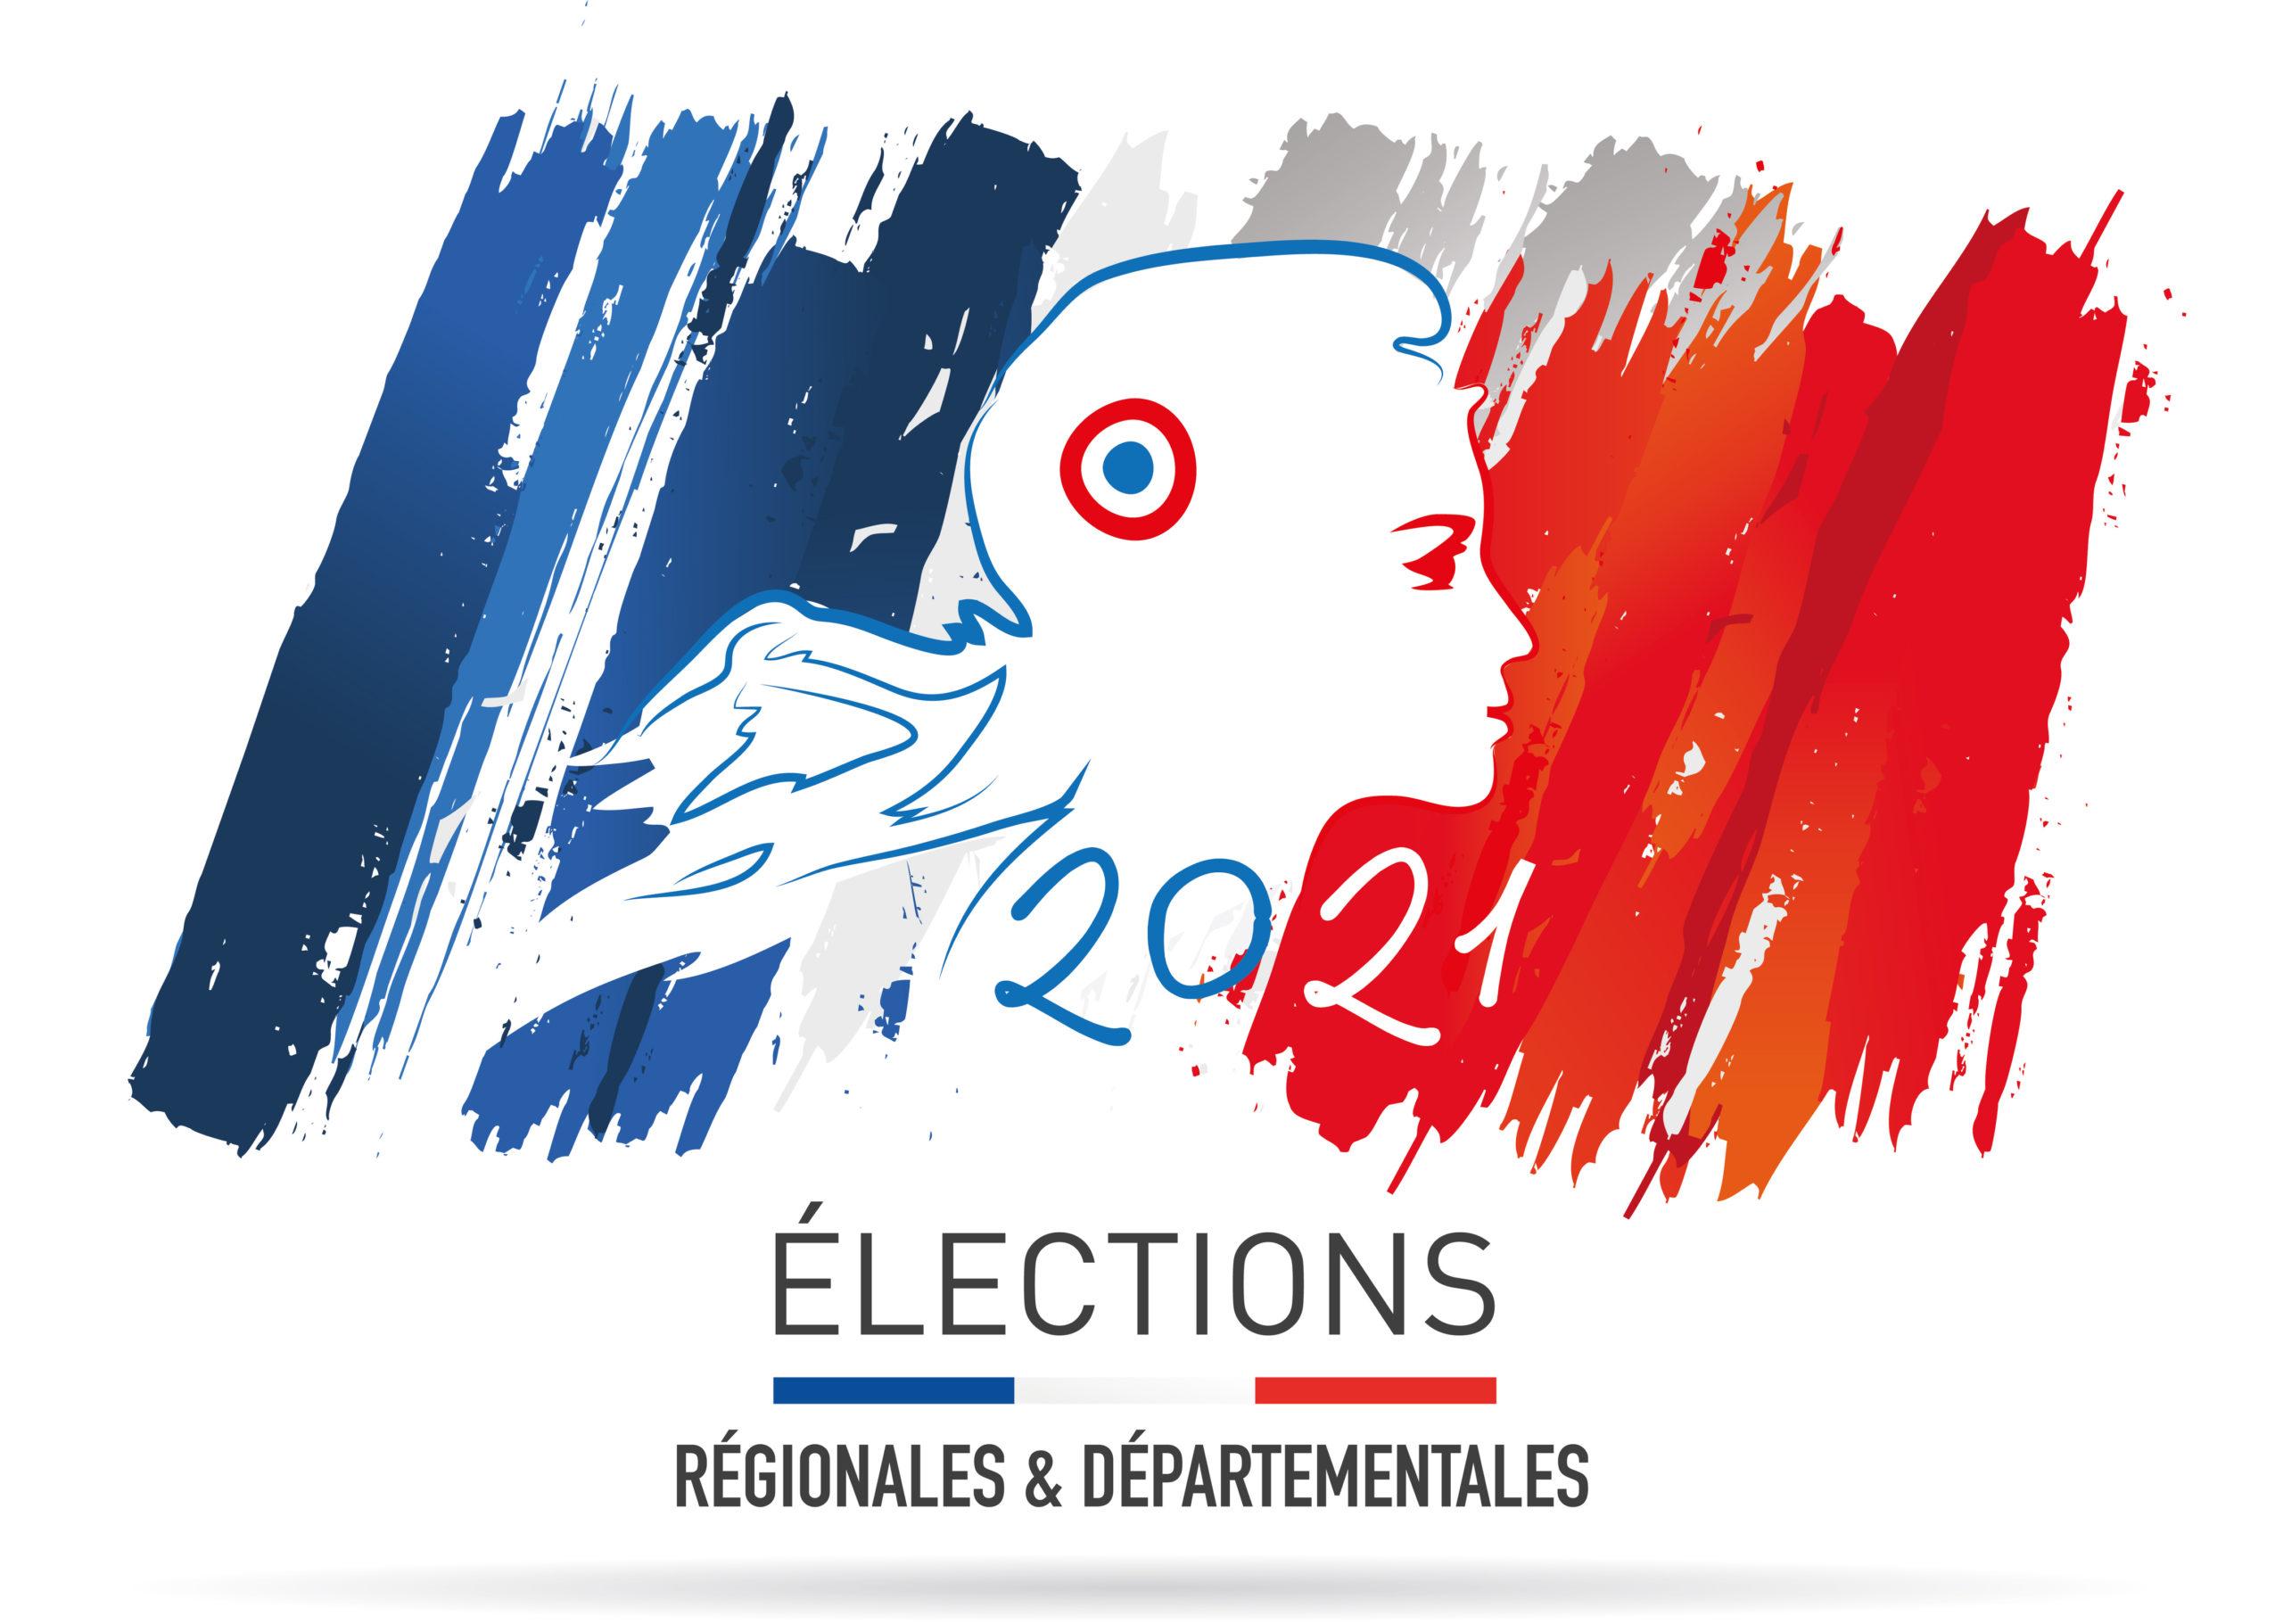 2021 フランス 選挙